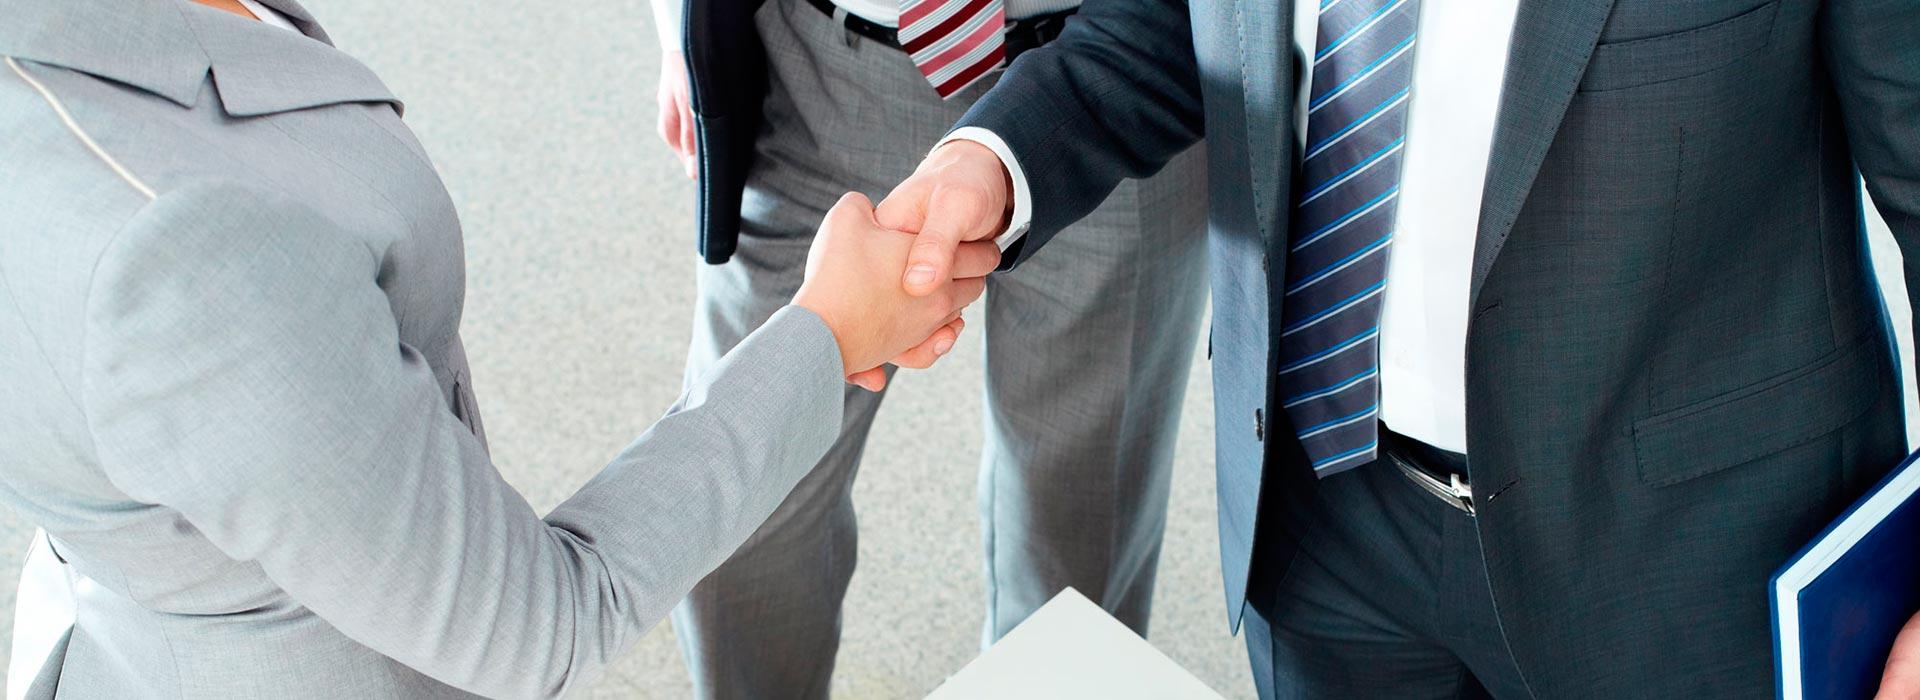 Artículos y noticias de actualidad sobre la formación y la gestión de ventas, del equipo de comerciales y el seguimiento de las ventas de la compañía.